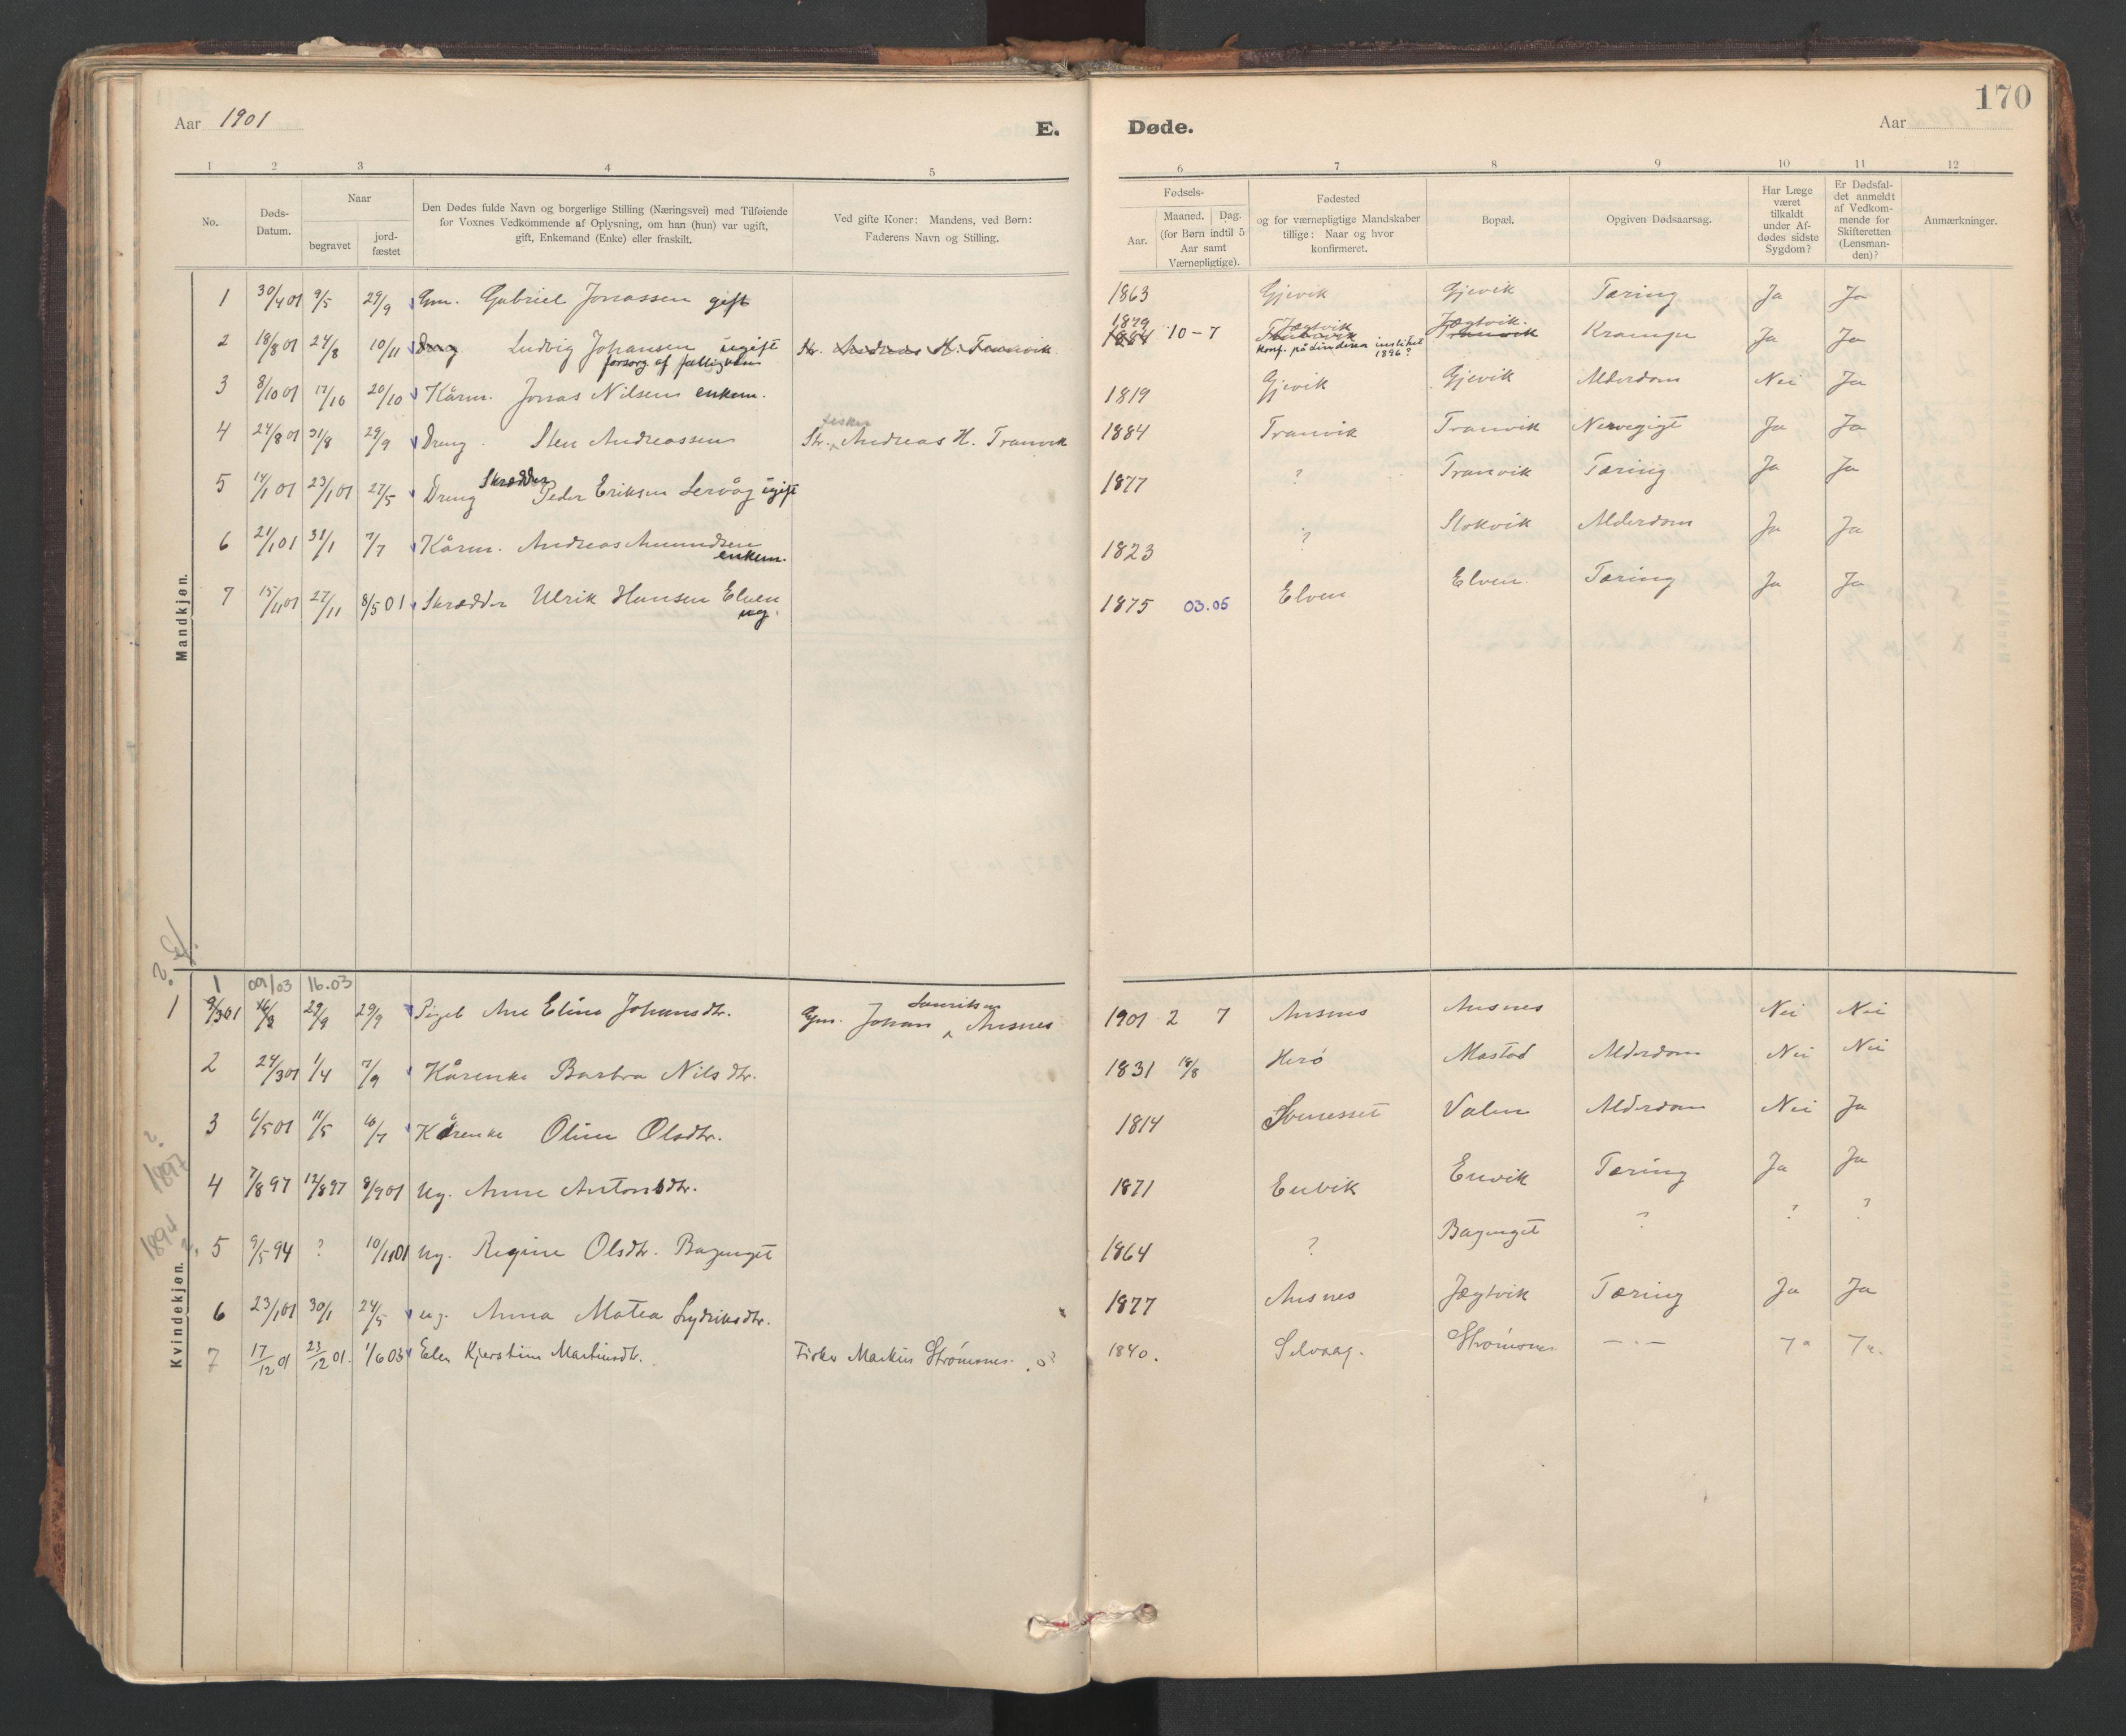 SAT, Ministerialprotokoller, klokkerbøker og fødselsregistre - Sør-Trøndelag, 637/L0559: Ministerialbok nr. 637A02, 1899-1923, s. 170